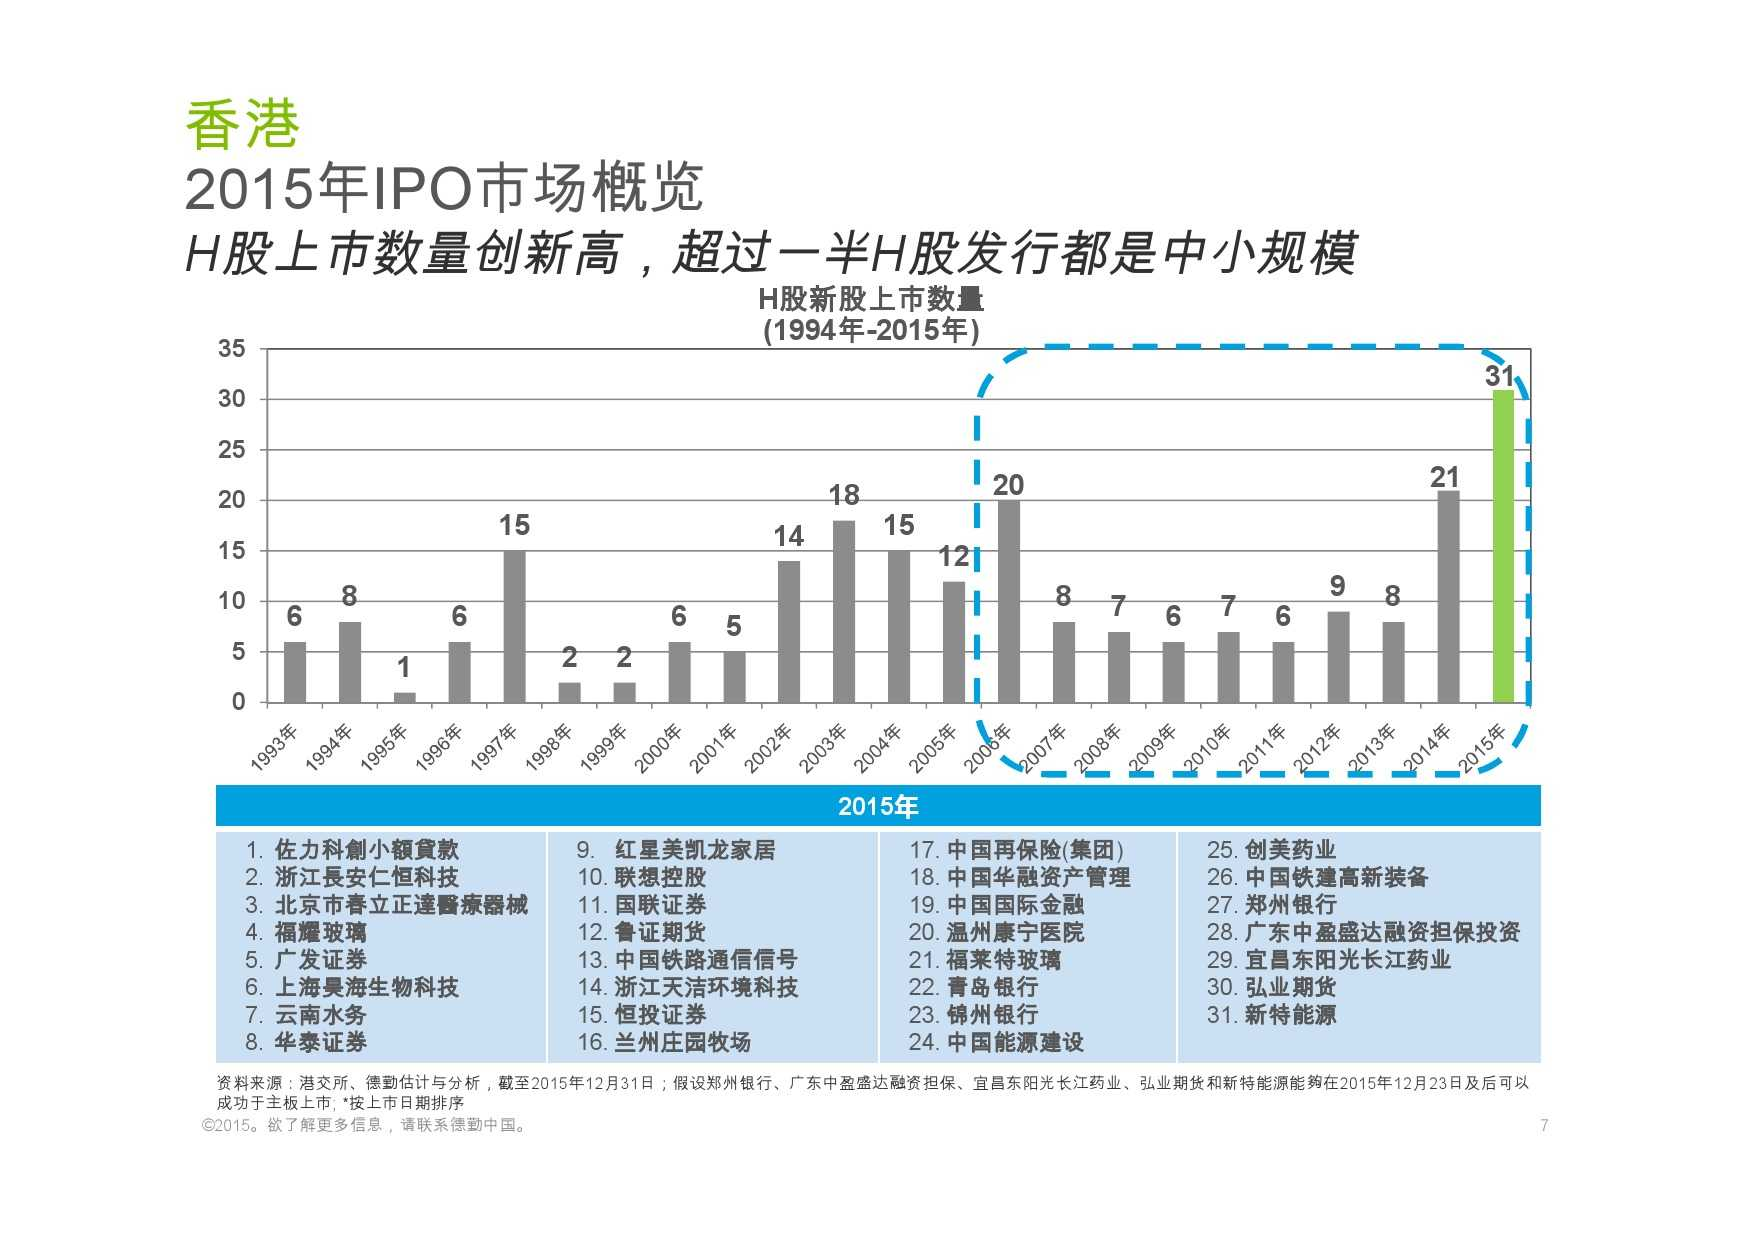 德勤:香港及中国大陆IPO巿场2015年回顾与2016年展望_000007